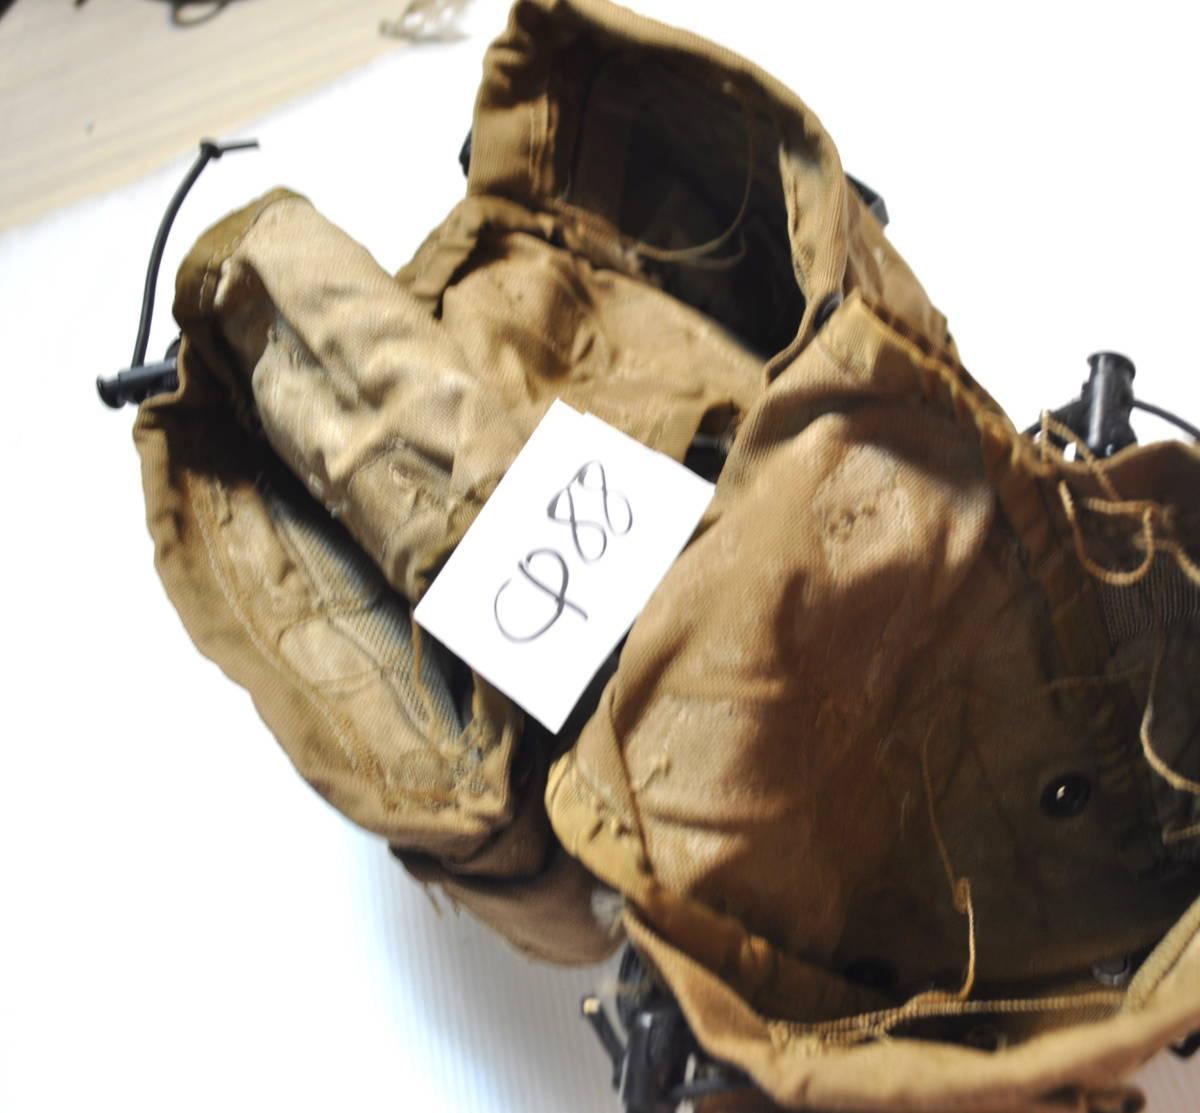 実物 米軍放出品 USMC アメリカ海兵隊 1QT コヨーテキャンティーンポーチセット /水筒 マガジン m4 m16 scar 収納 filbe FSBE リーコン ge_画像2